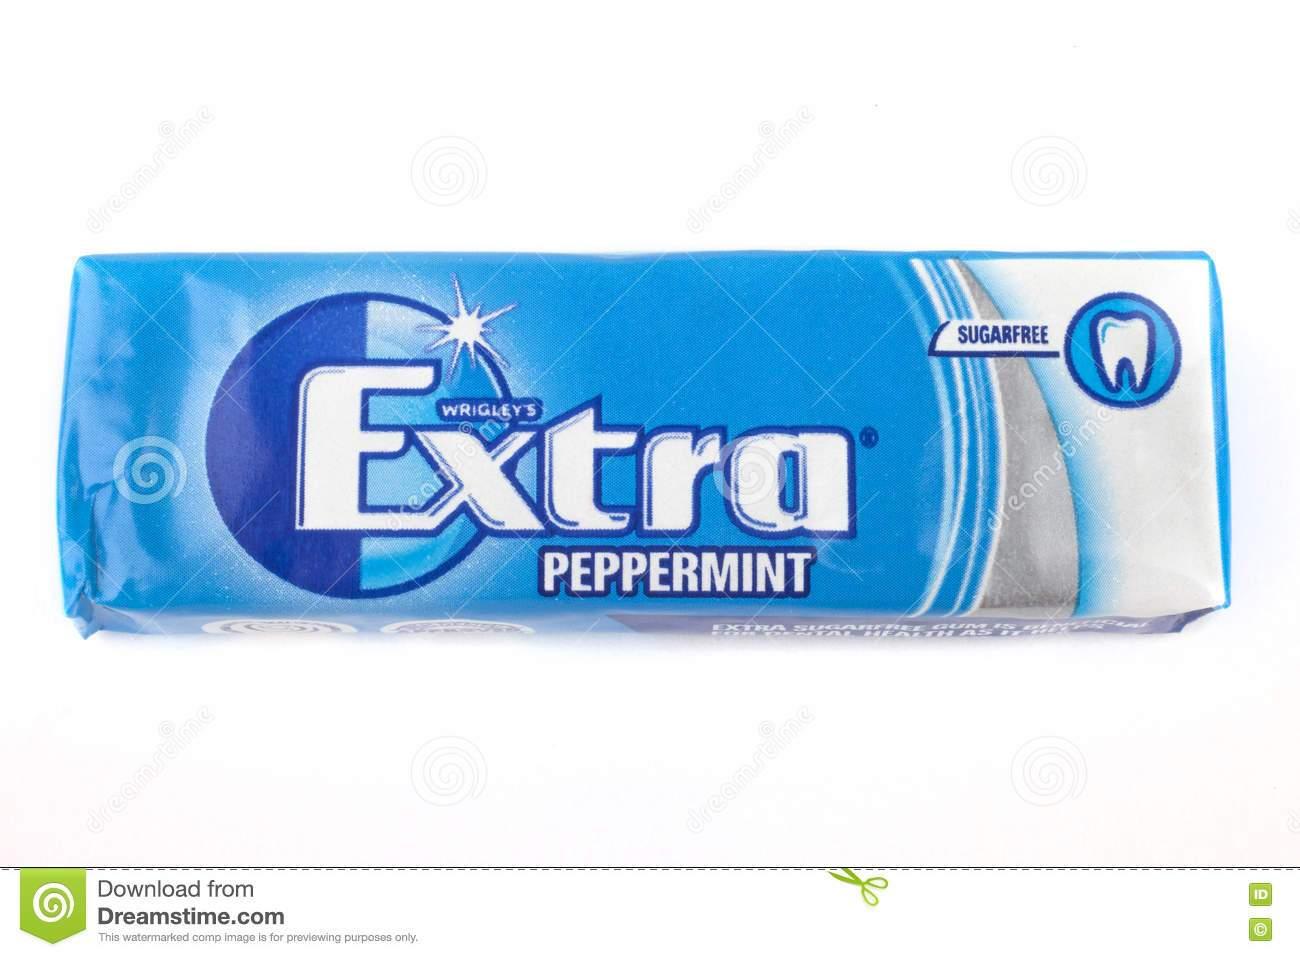 Extra gum clipart 4 » Clipart Portal.